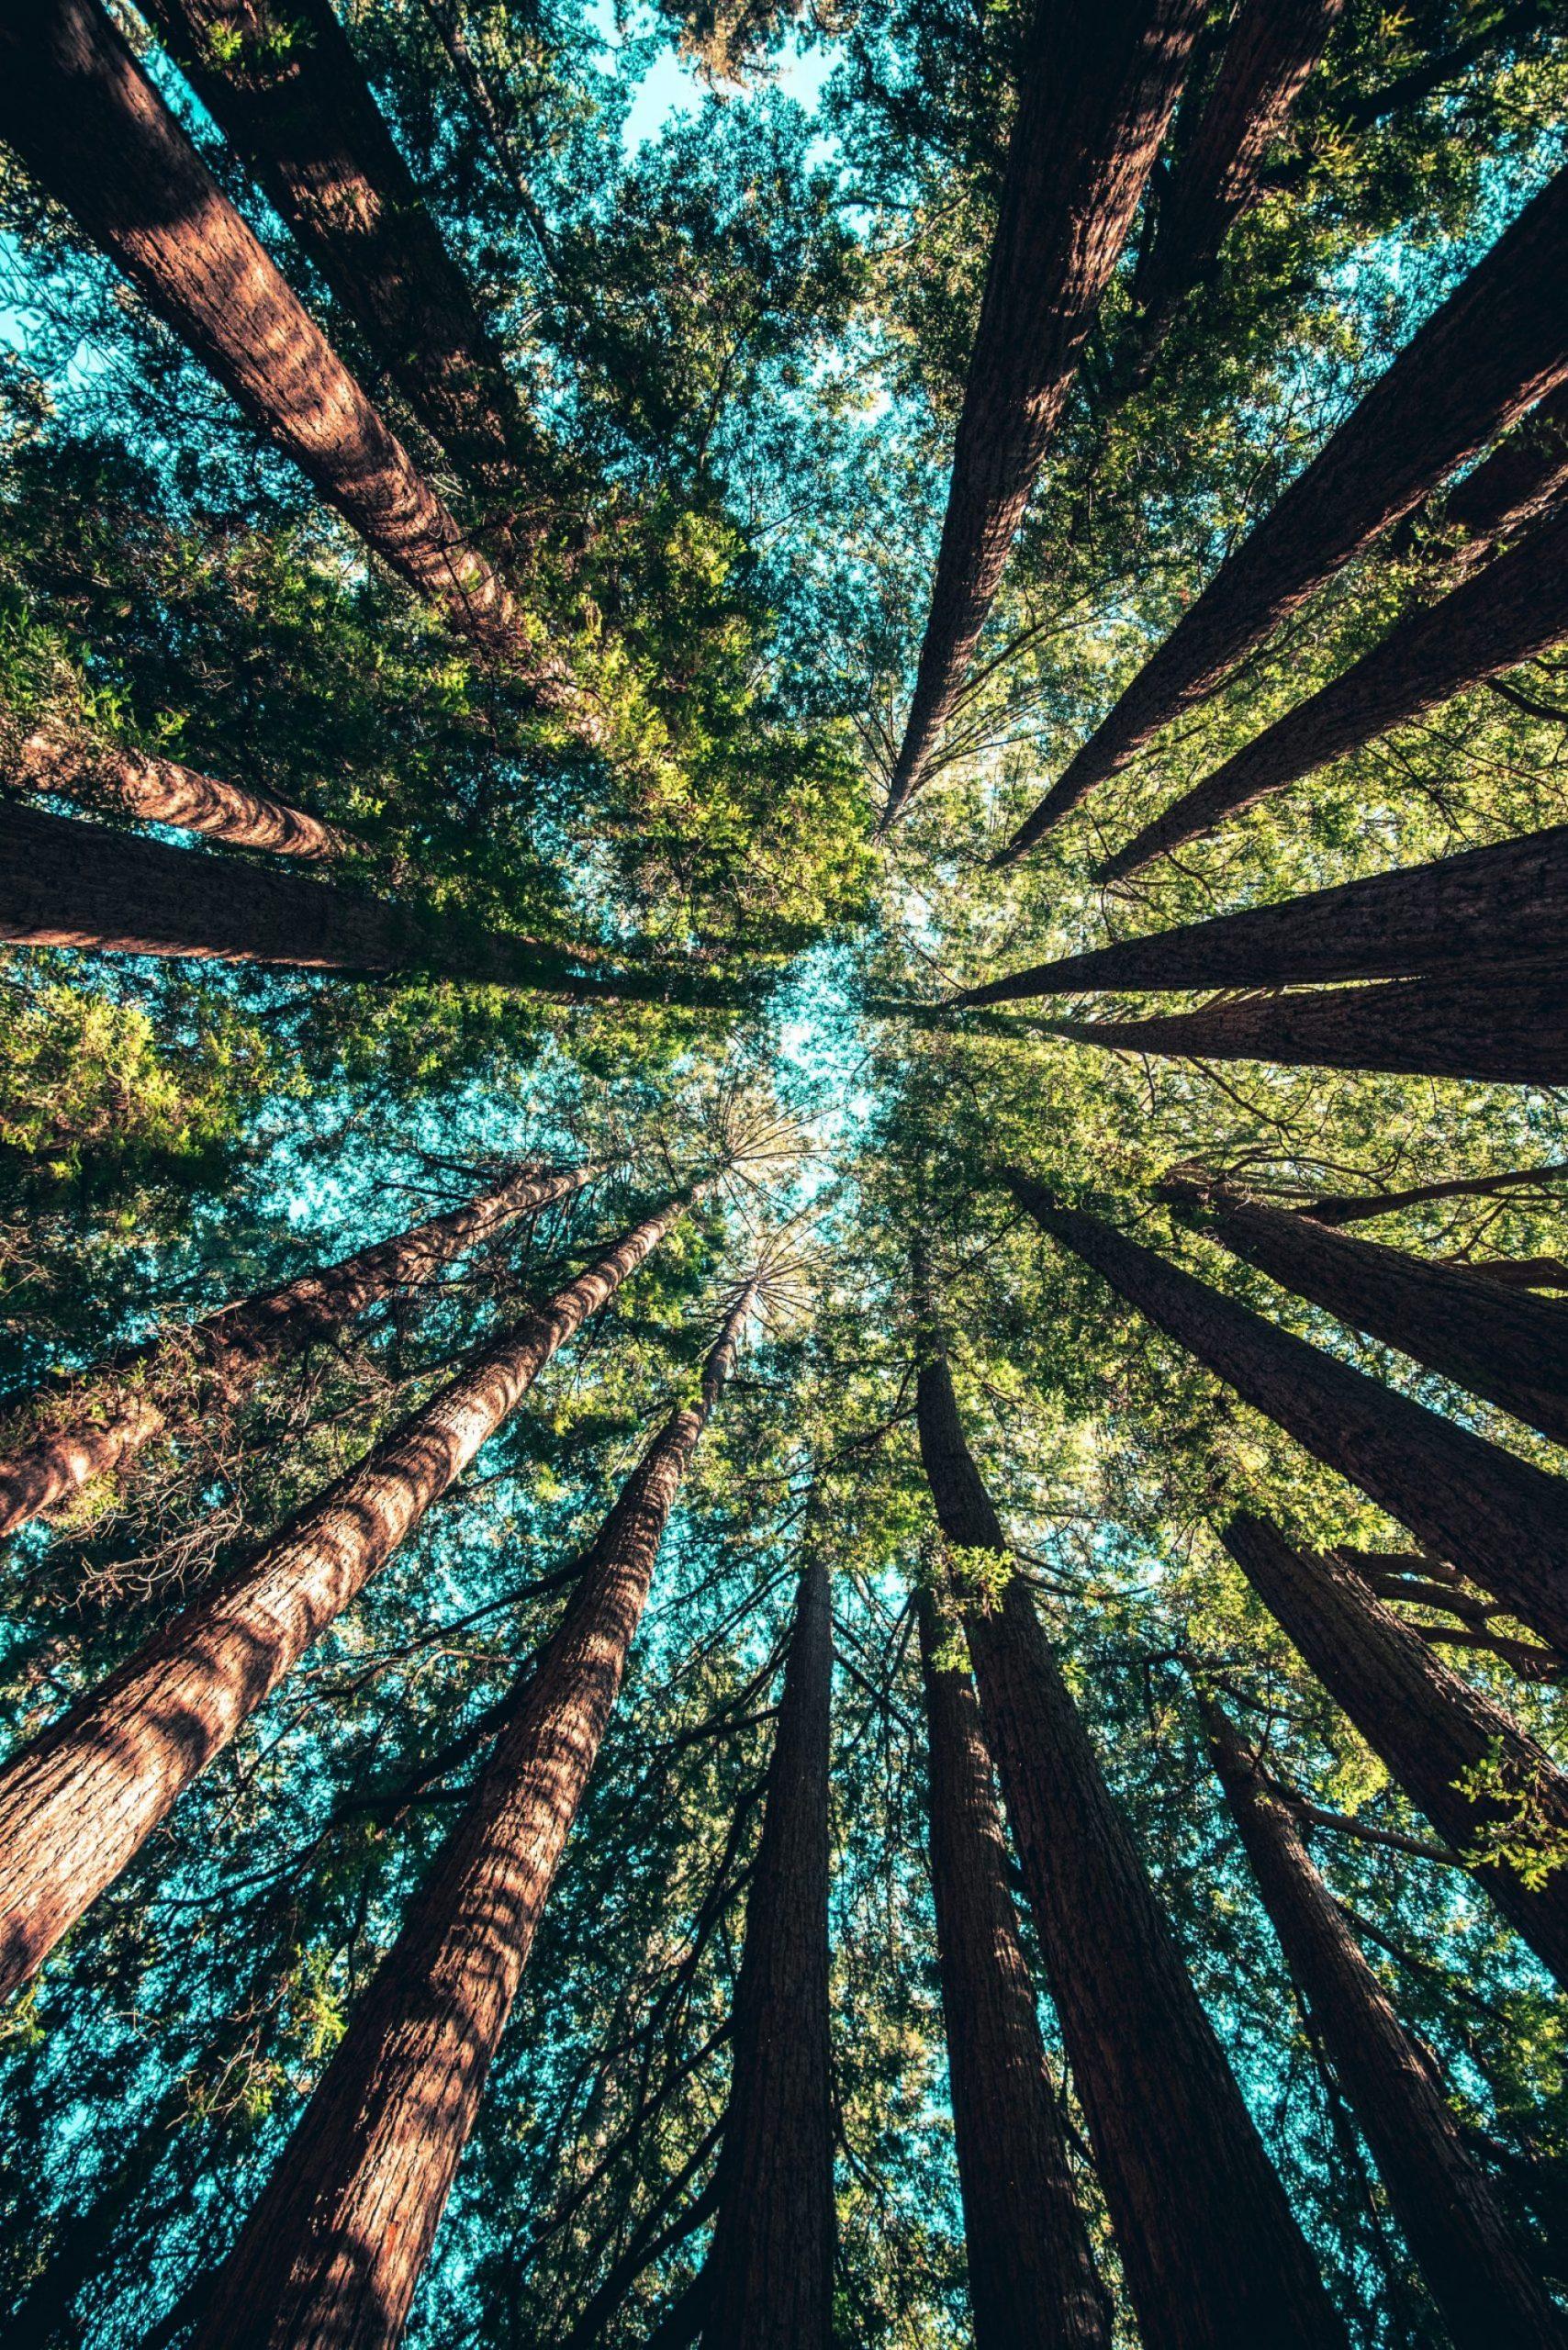 Zdokonaľovanie životného prostredia podľa Martina Sirotku